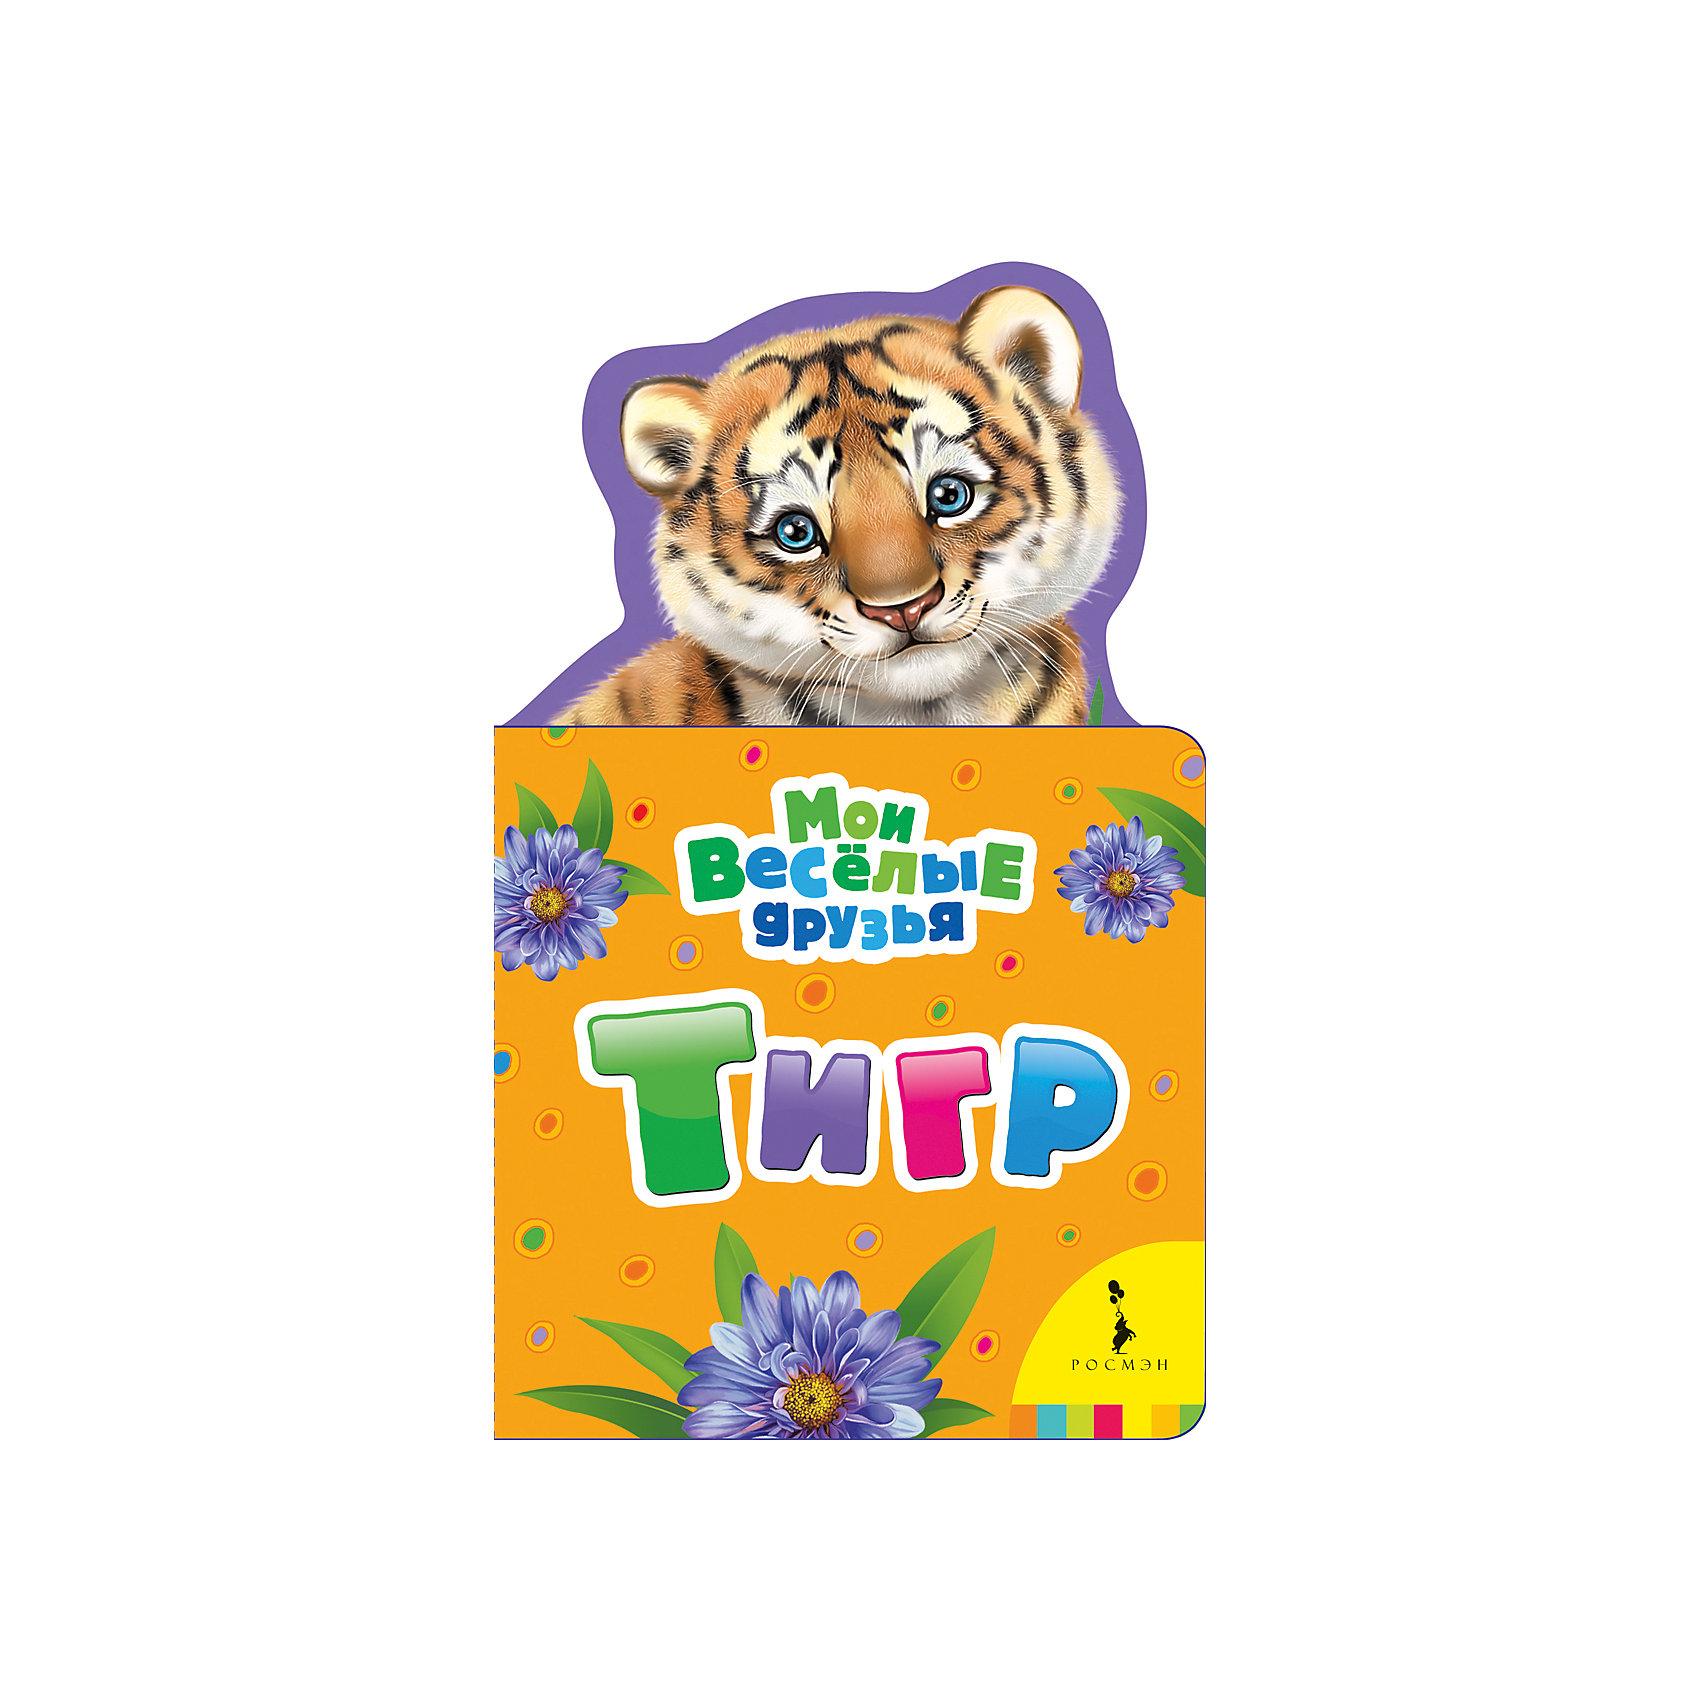 Тигр, Мои веселые друзьяПервые книги малыша<br>Характеристики товара:<br><br>- цвет: разноцветный;<br>- материал: картон;<br>- страниц: 12;<br>- формат: 21 х 13 см;<br>- обложка: картон;<br>- с вырубкой. <br><br>Издания серии Мои веселые друзья - отличный способ занять ребенка! Эта красочная книга станет отличным подарком для родителей и малыша. Она содержит в себе рассказ о животных, которых так любят дети. Отличный способ привить малышу любовь к чтению! Удобный формат и плотные странички позволят брать книгу с собой в поездки.<br>Чтение и рассматривание картинок даже в юном возрасте помогает ребенку развивать память, концентрацию внимания и воображение. Издание произведено из качественных материалов, которые безопасны даже для самых маленьких.<br><br>Издание Тигр, Мои веселые друзья от компании Росмэн можно купить в нашем интернет-магазине.<br><br>Ширина мм: 205<br>Глубина мм: 125<br>Высота мм: 8<br>Вес г: 80<br>Возраст от месяцев: 0<br>Возраст до месяцев: 36<br>Пол: Унисекс<br>Возраст: Детский<br>SKU: 5110278